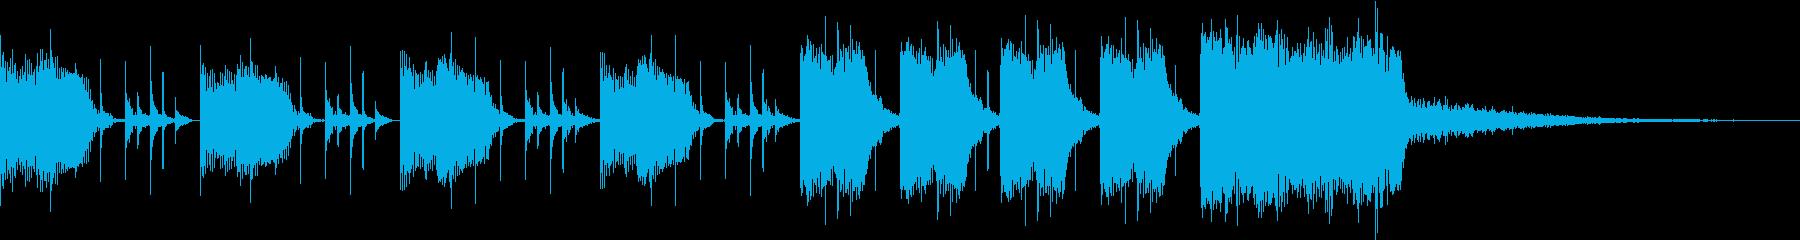 シンキングタイムジングル(10秒)の再生済みの波形